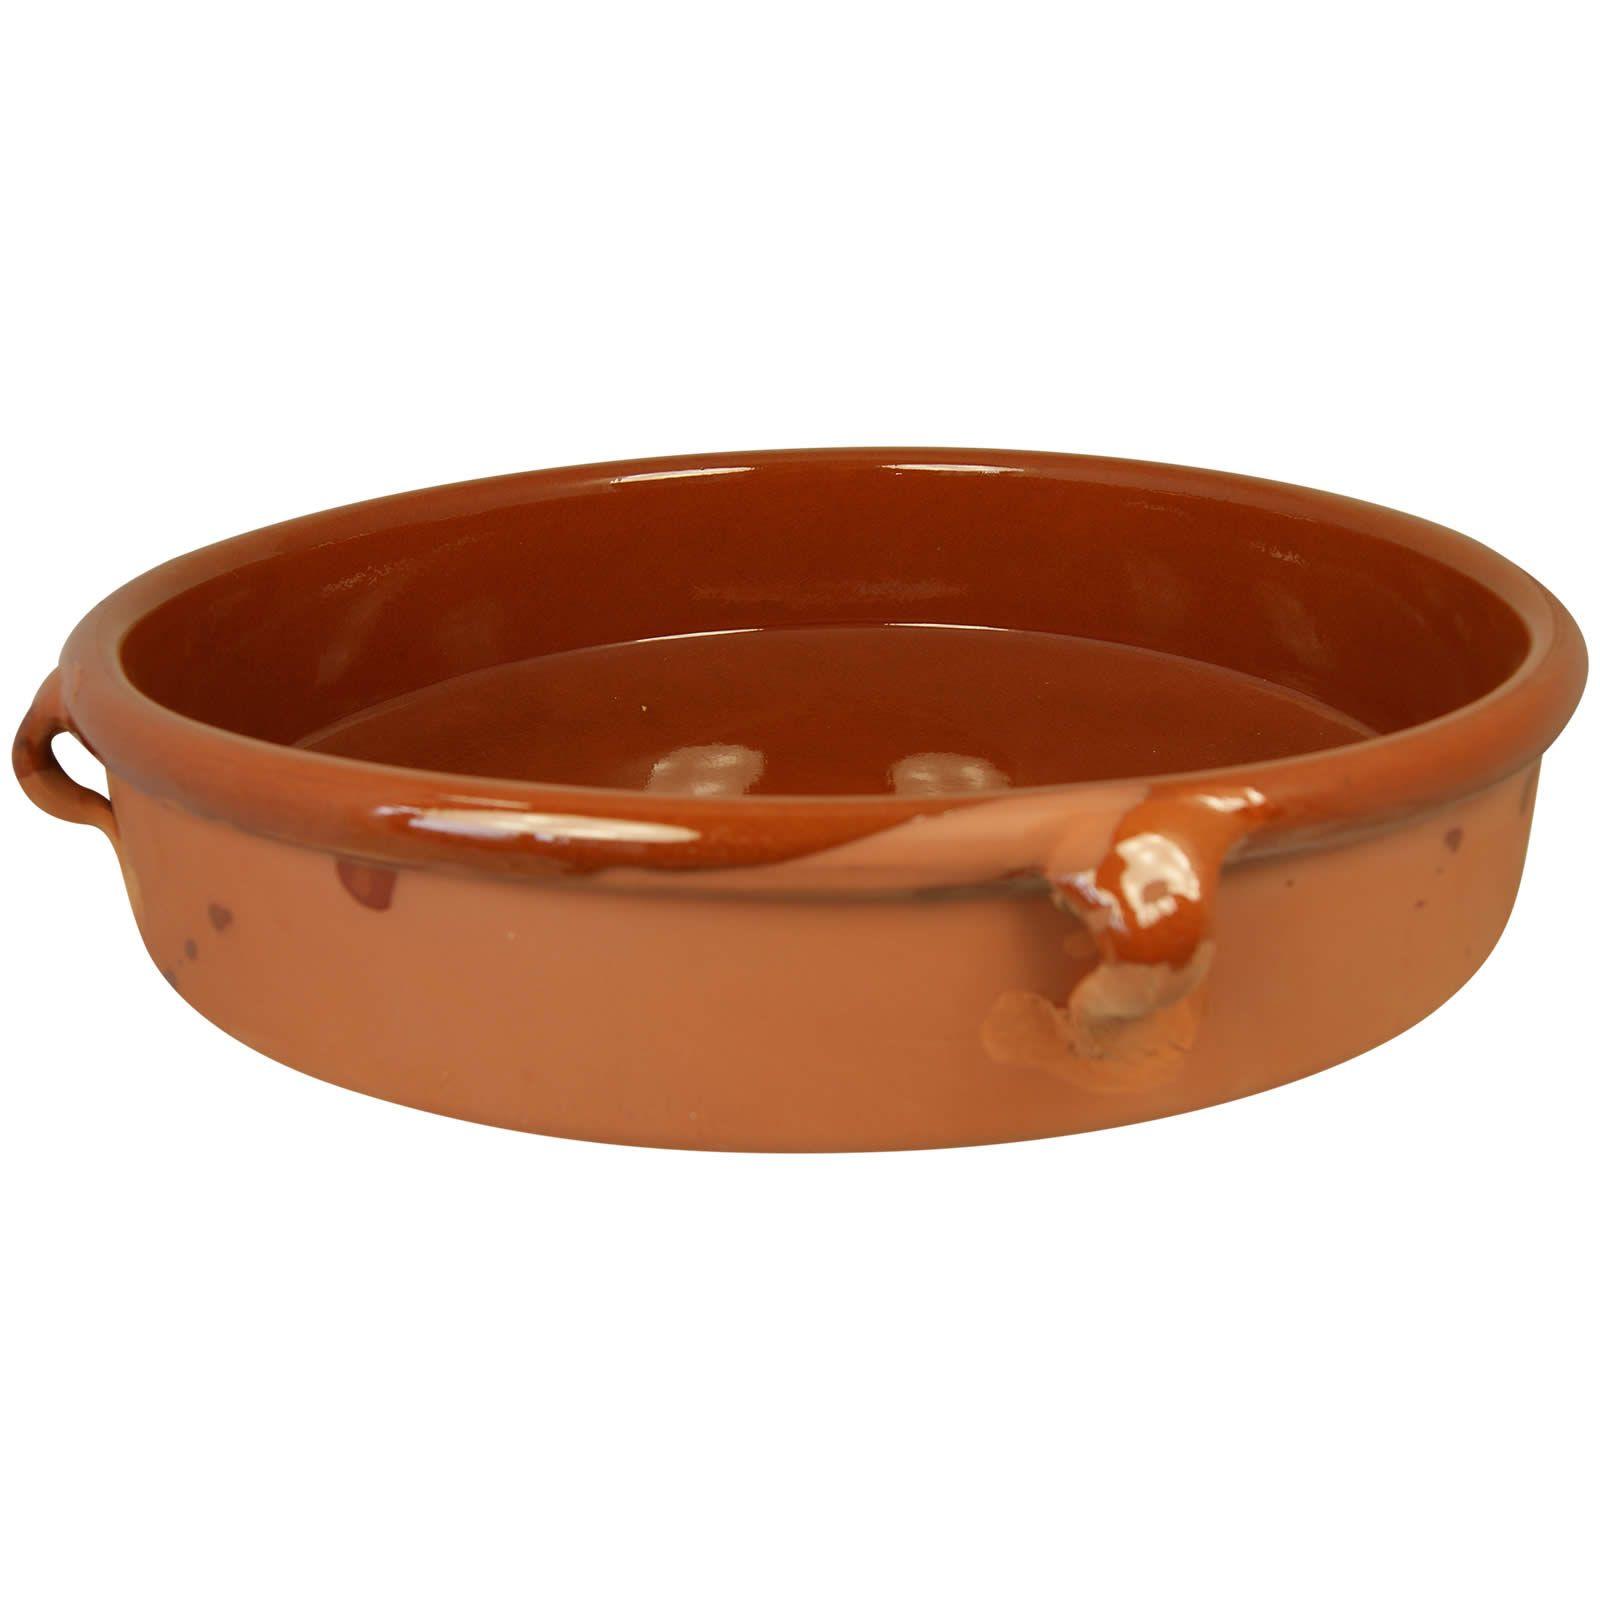 Cazuelas (cooking pots) Spain